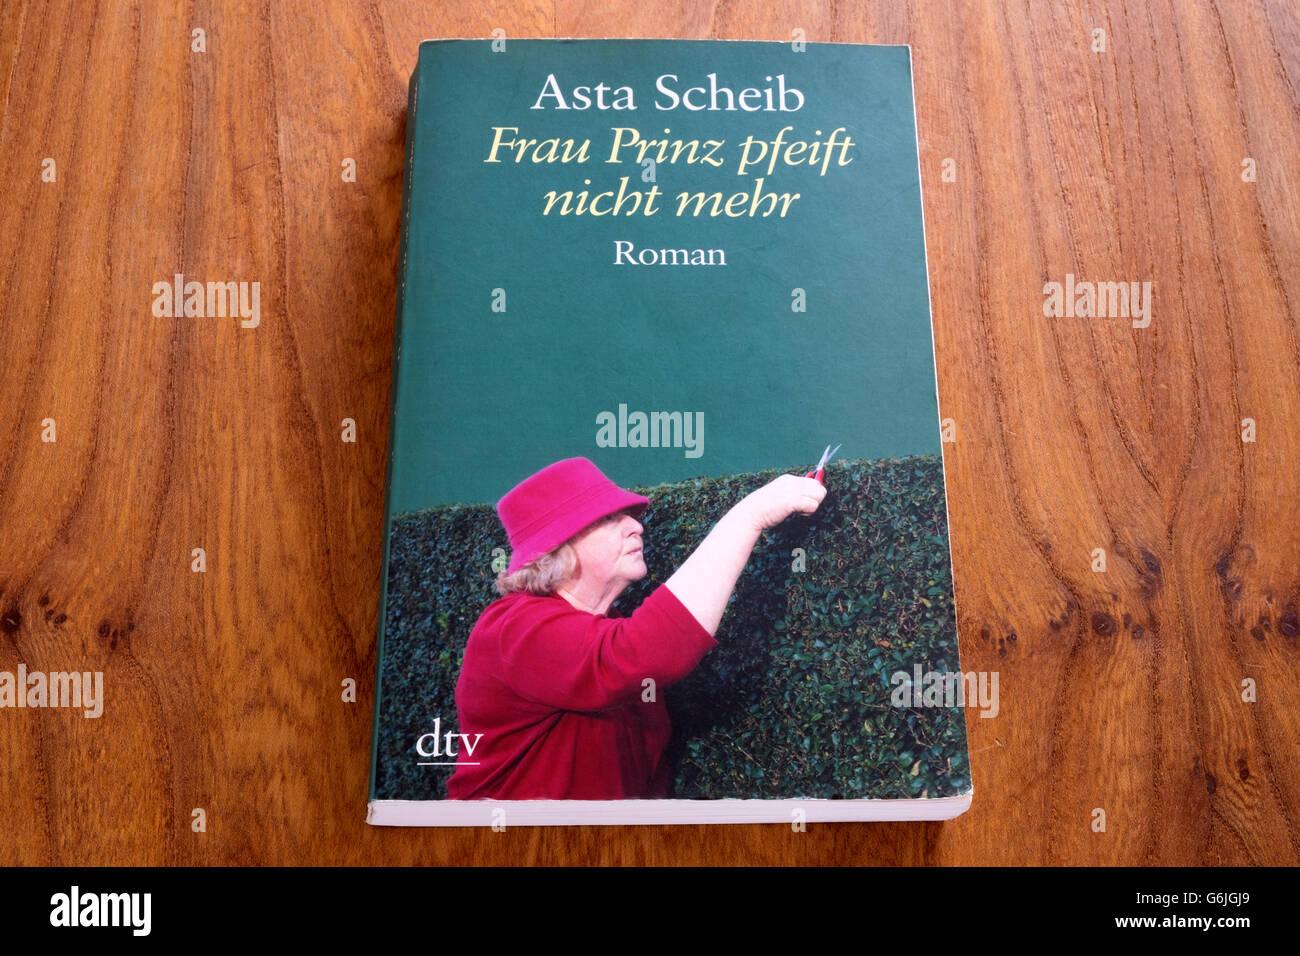 Asta Scheib, Frau Prinz pfeift nicht mehr - Stock Image